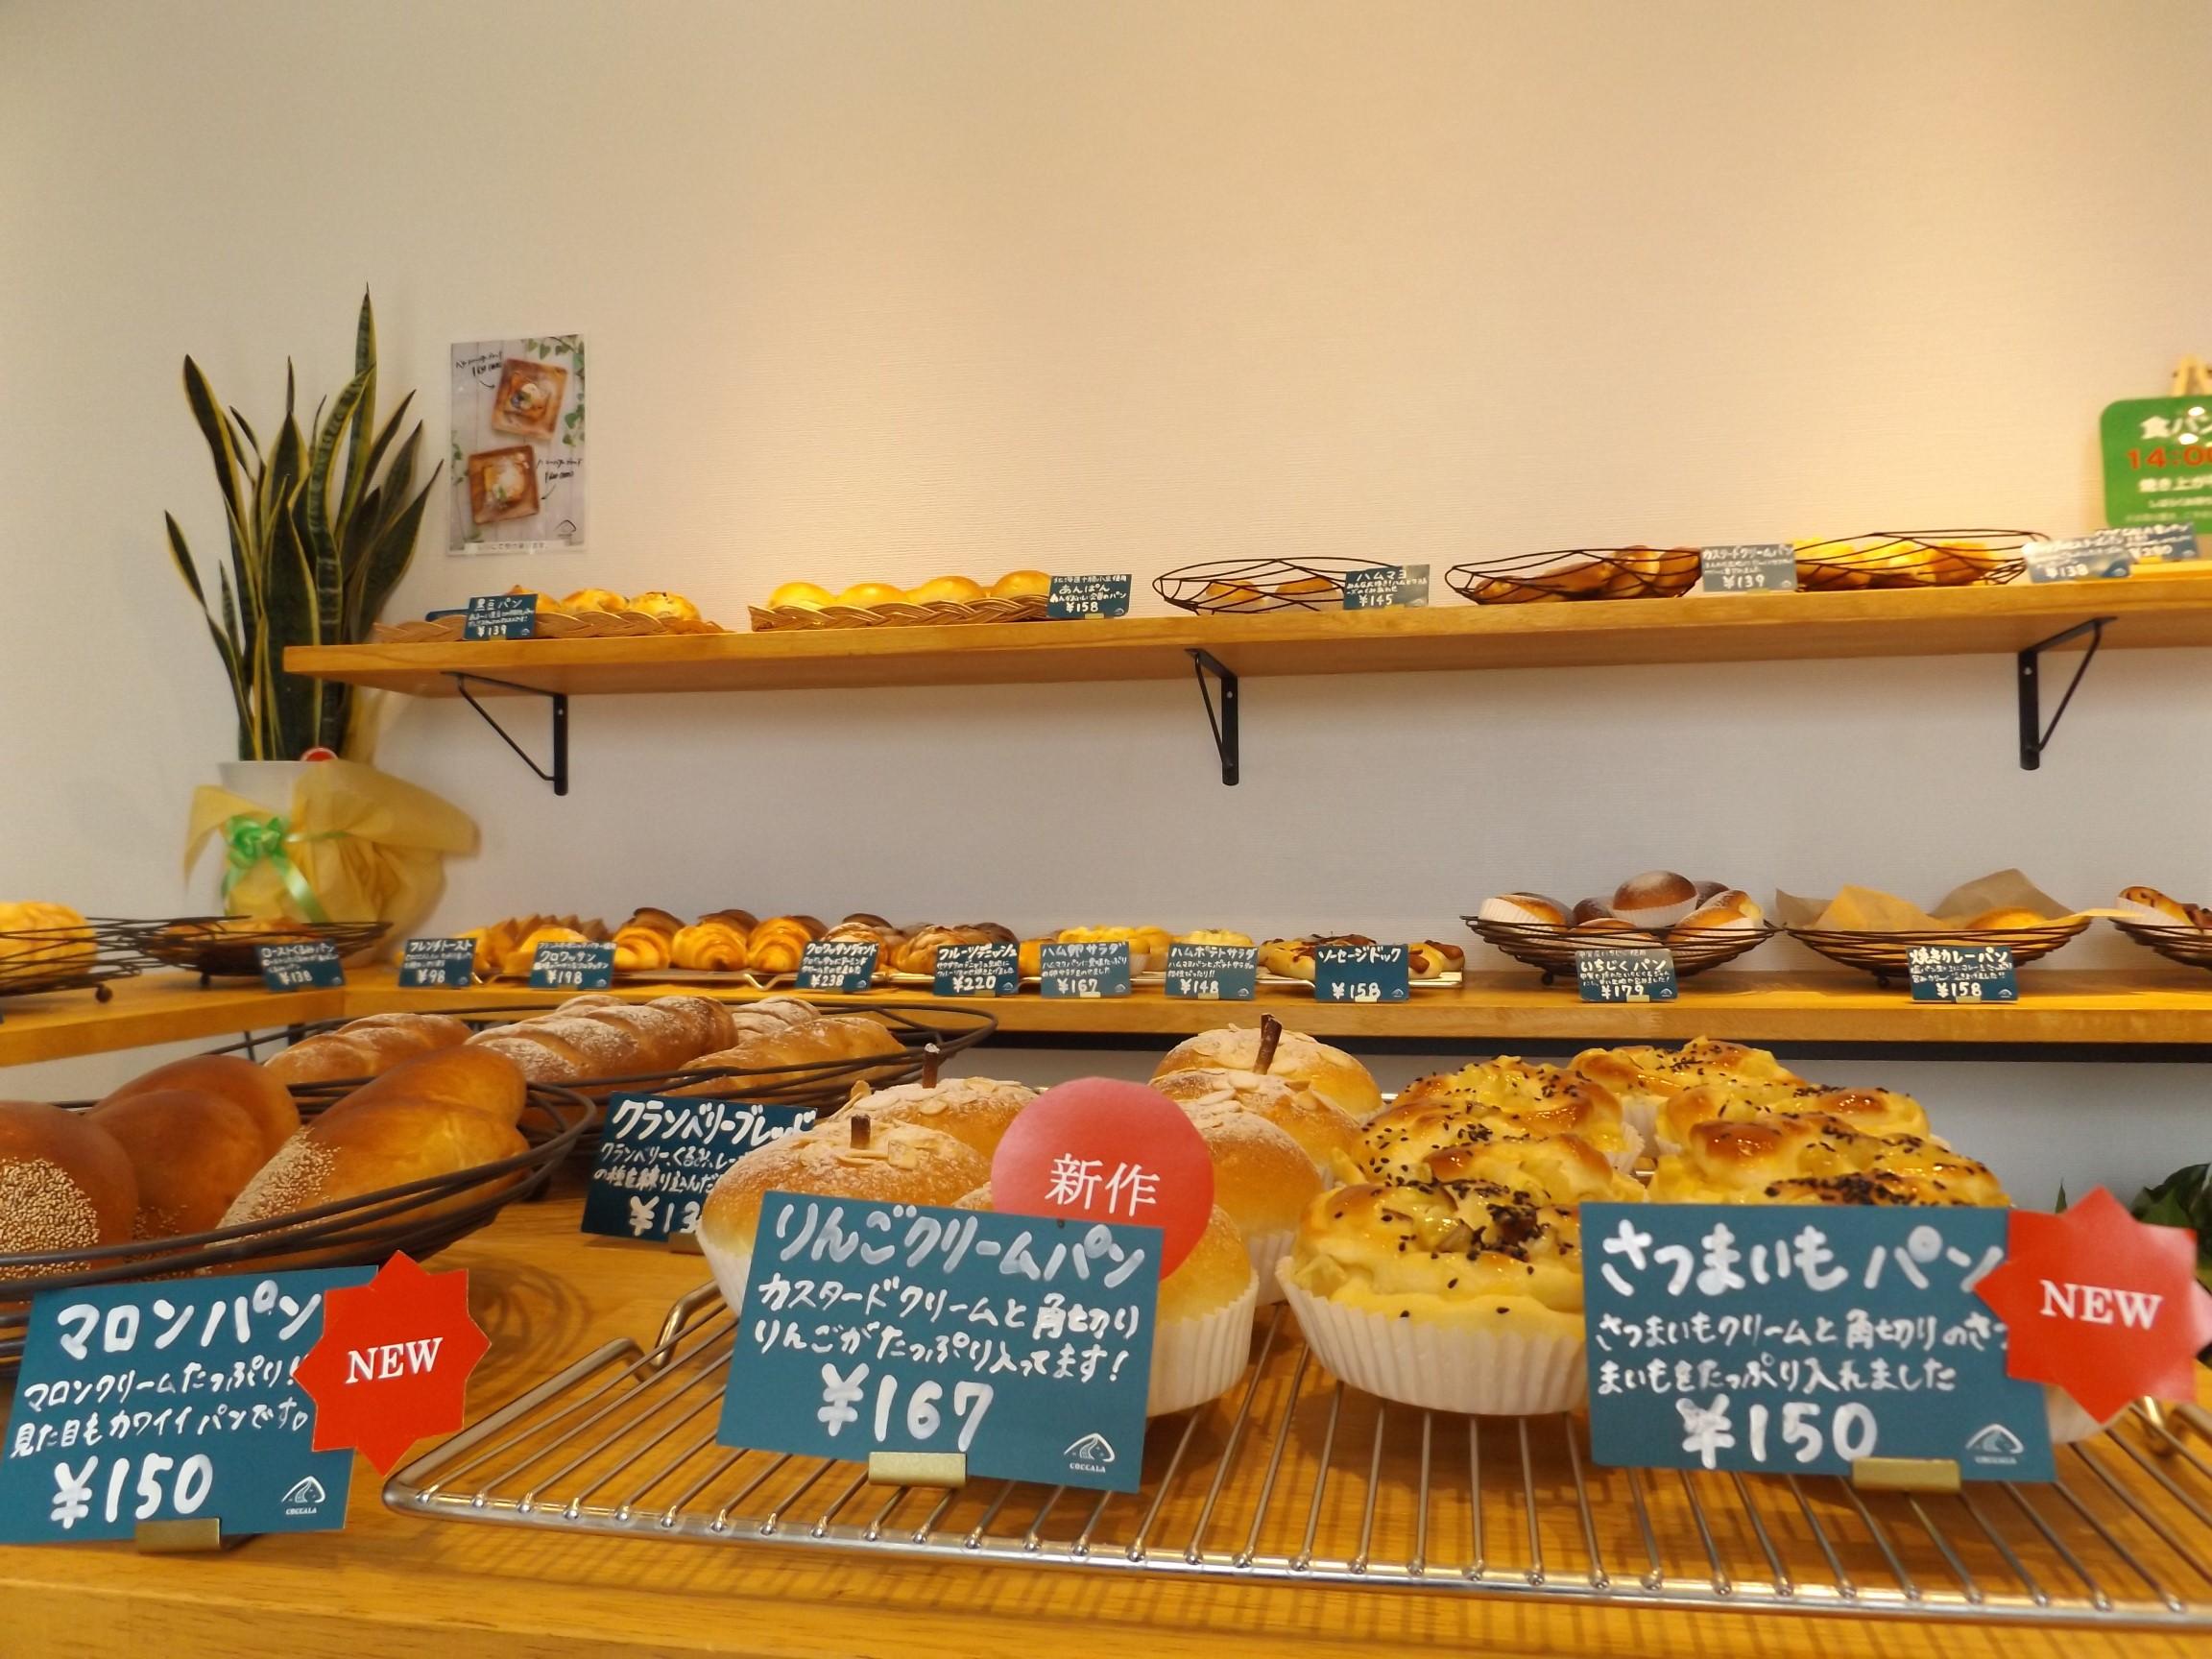 【5/13新店】[COCCALA(コッカラ)]毎日食べたいパンをこっから発信!